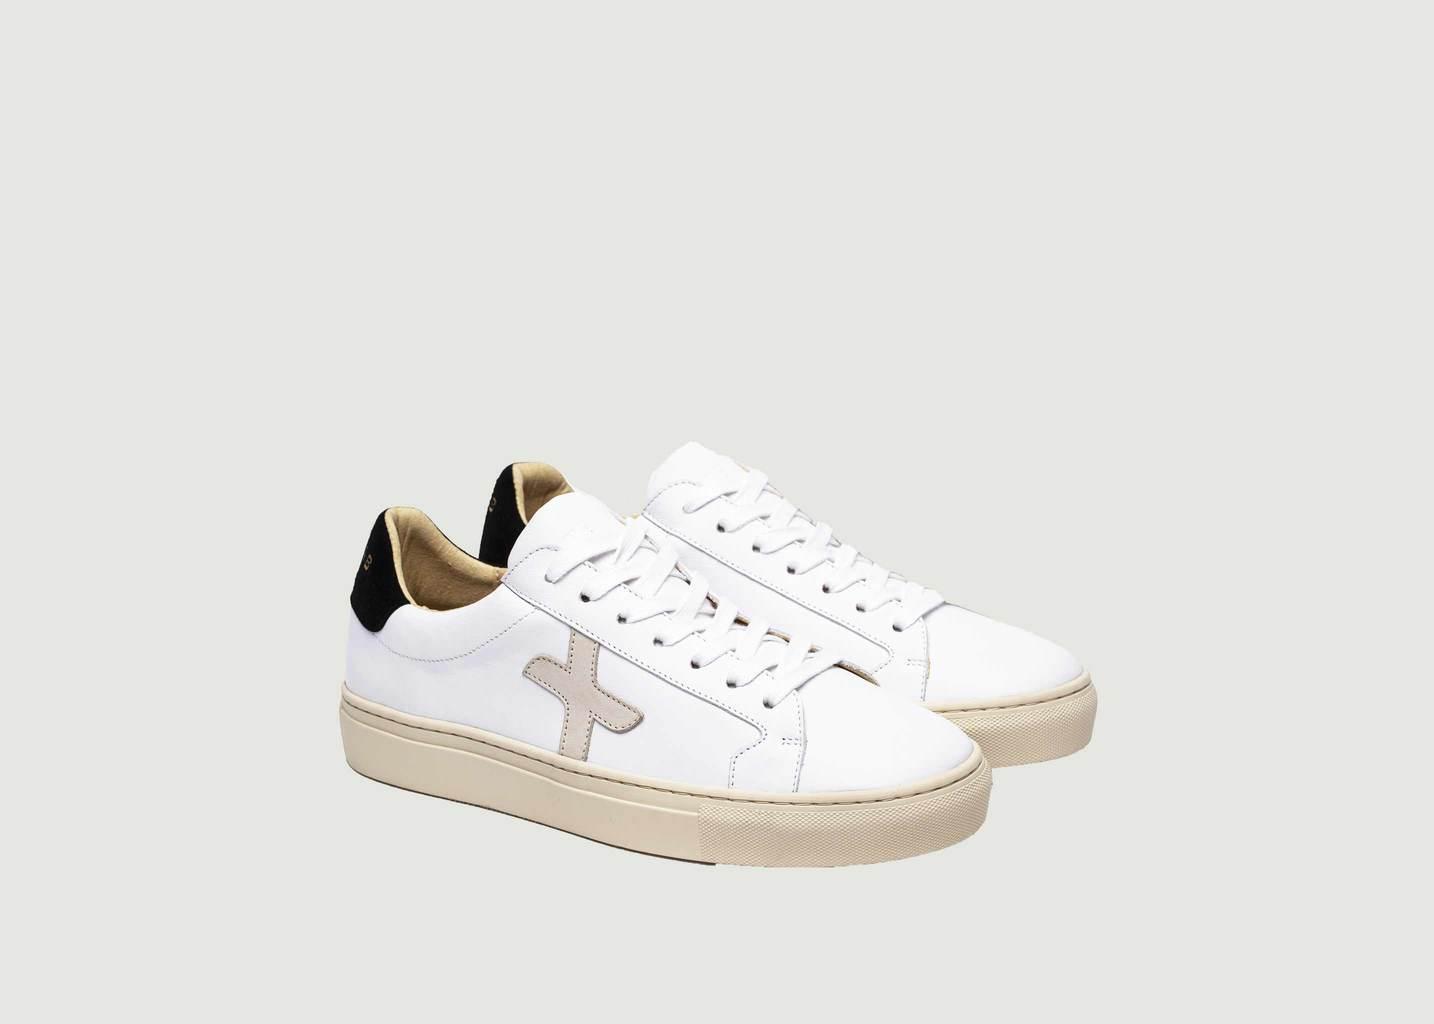 Sneakers NL08 Unisexe - Newlab